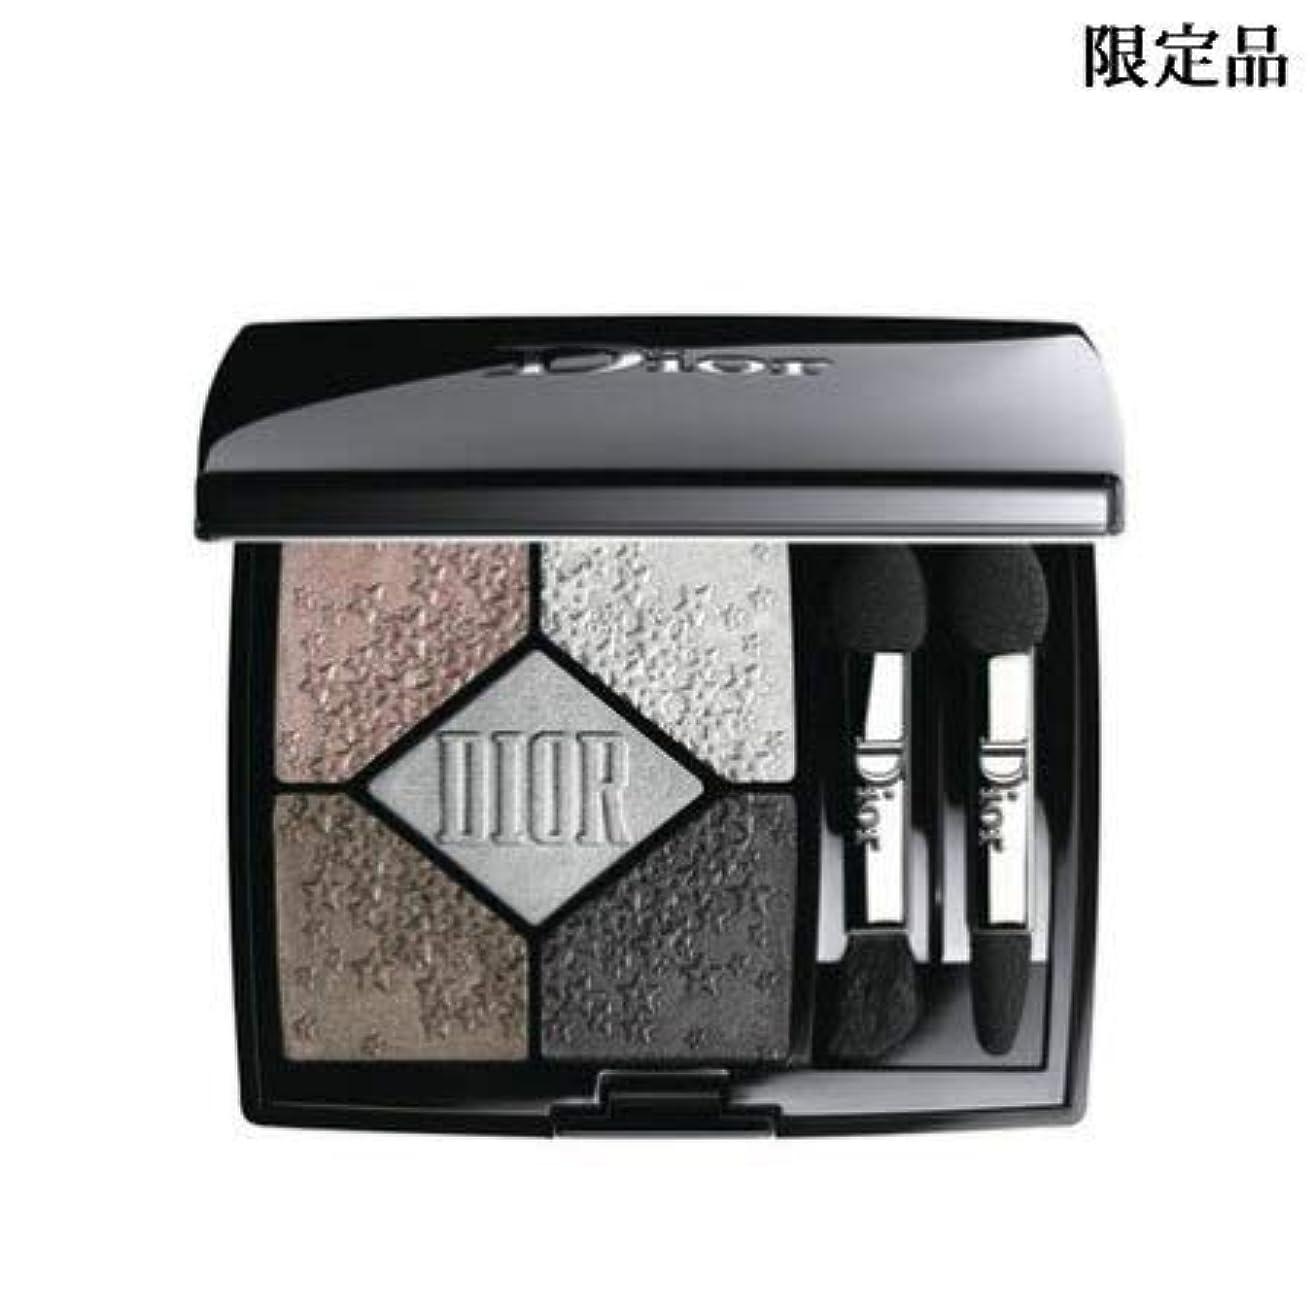 発疹調整可能標高ディオール サンク クルール #057 ムーンライト 限定色 -Dior-